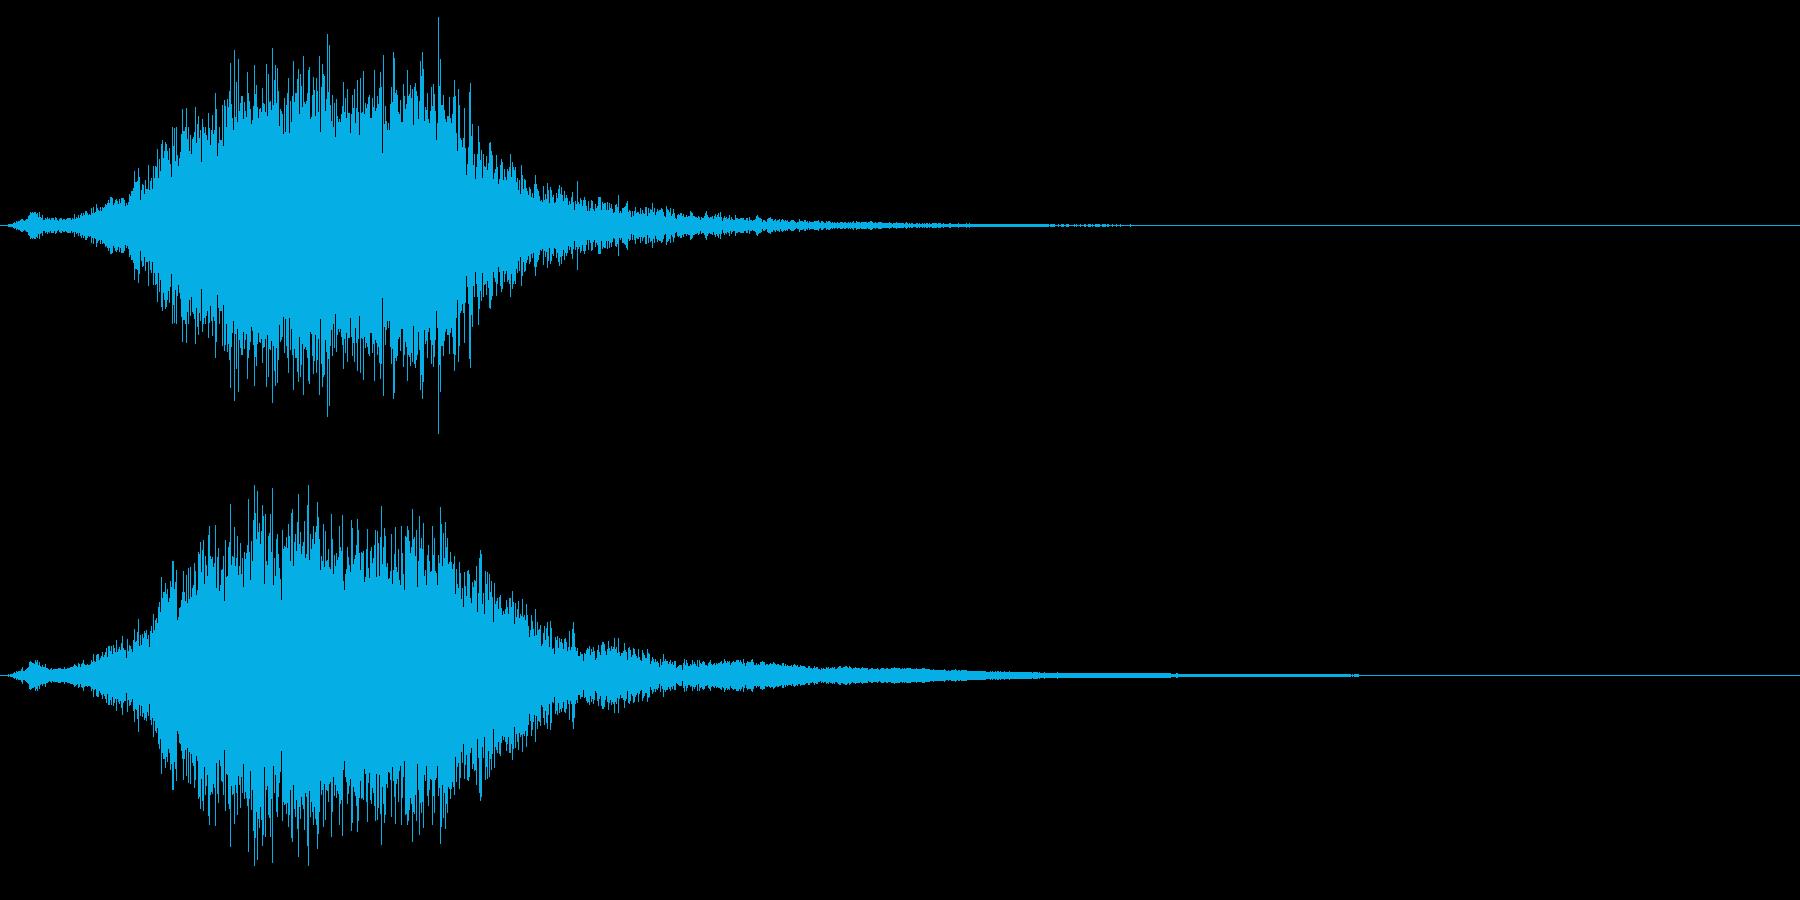 シャキーン☆剣を鞘から抜く音2 リバーブの再生済みの波形